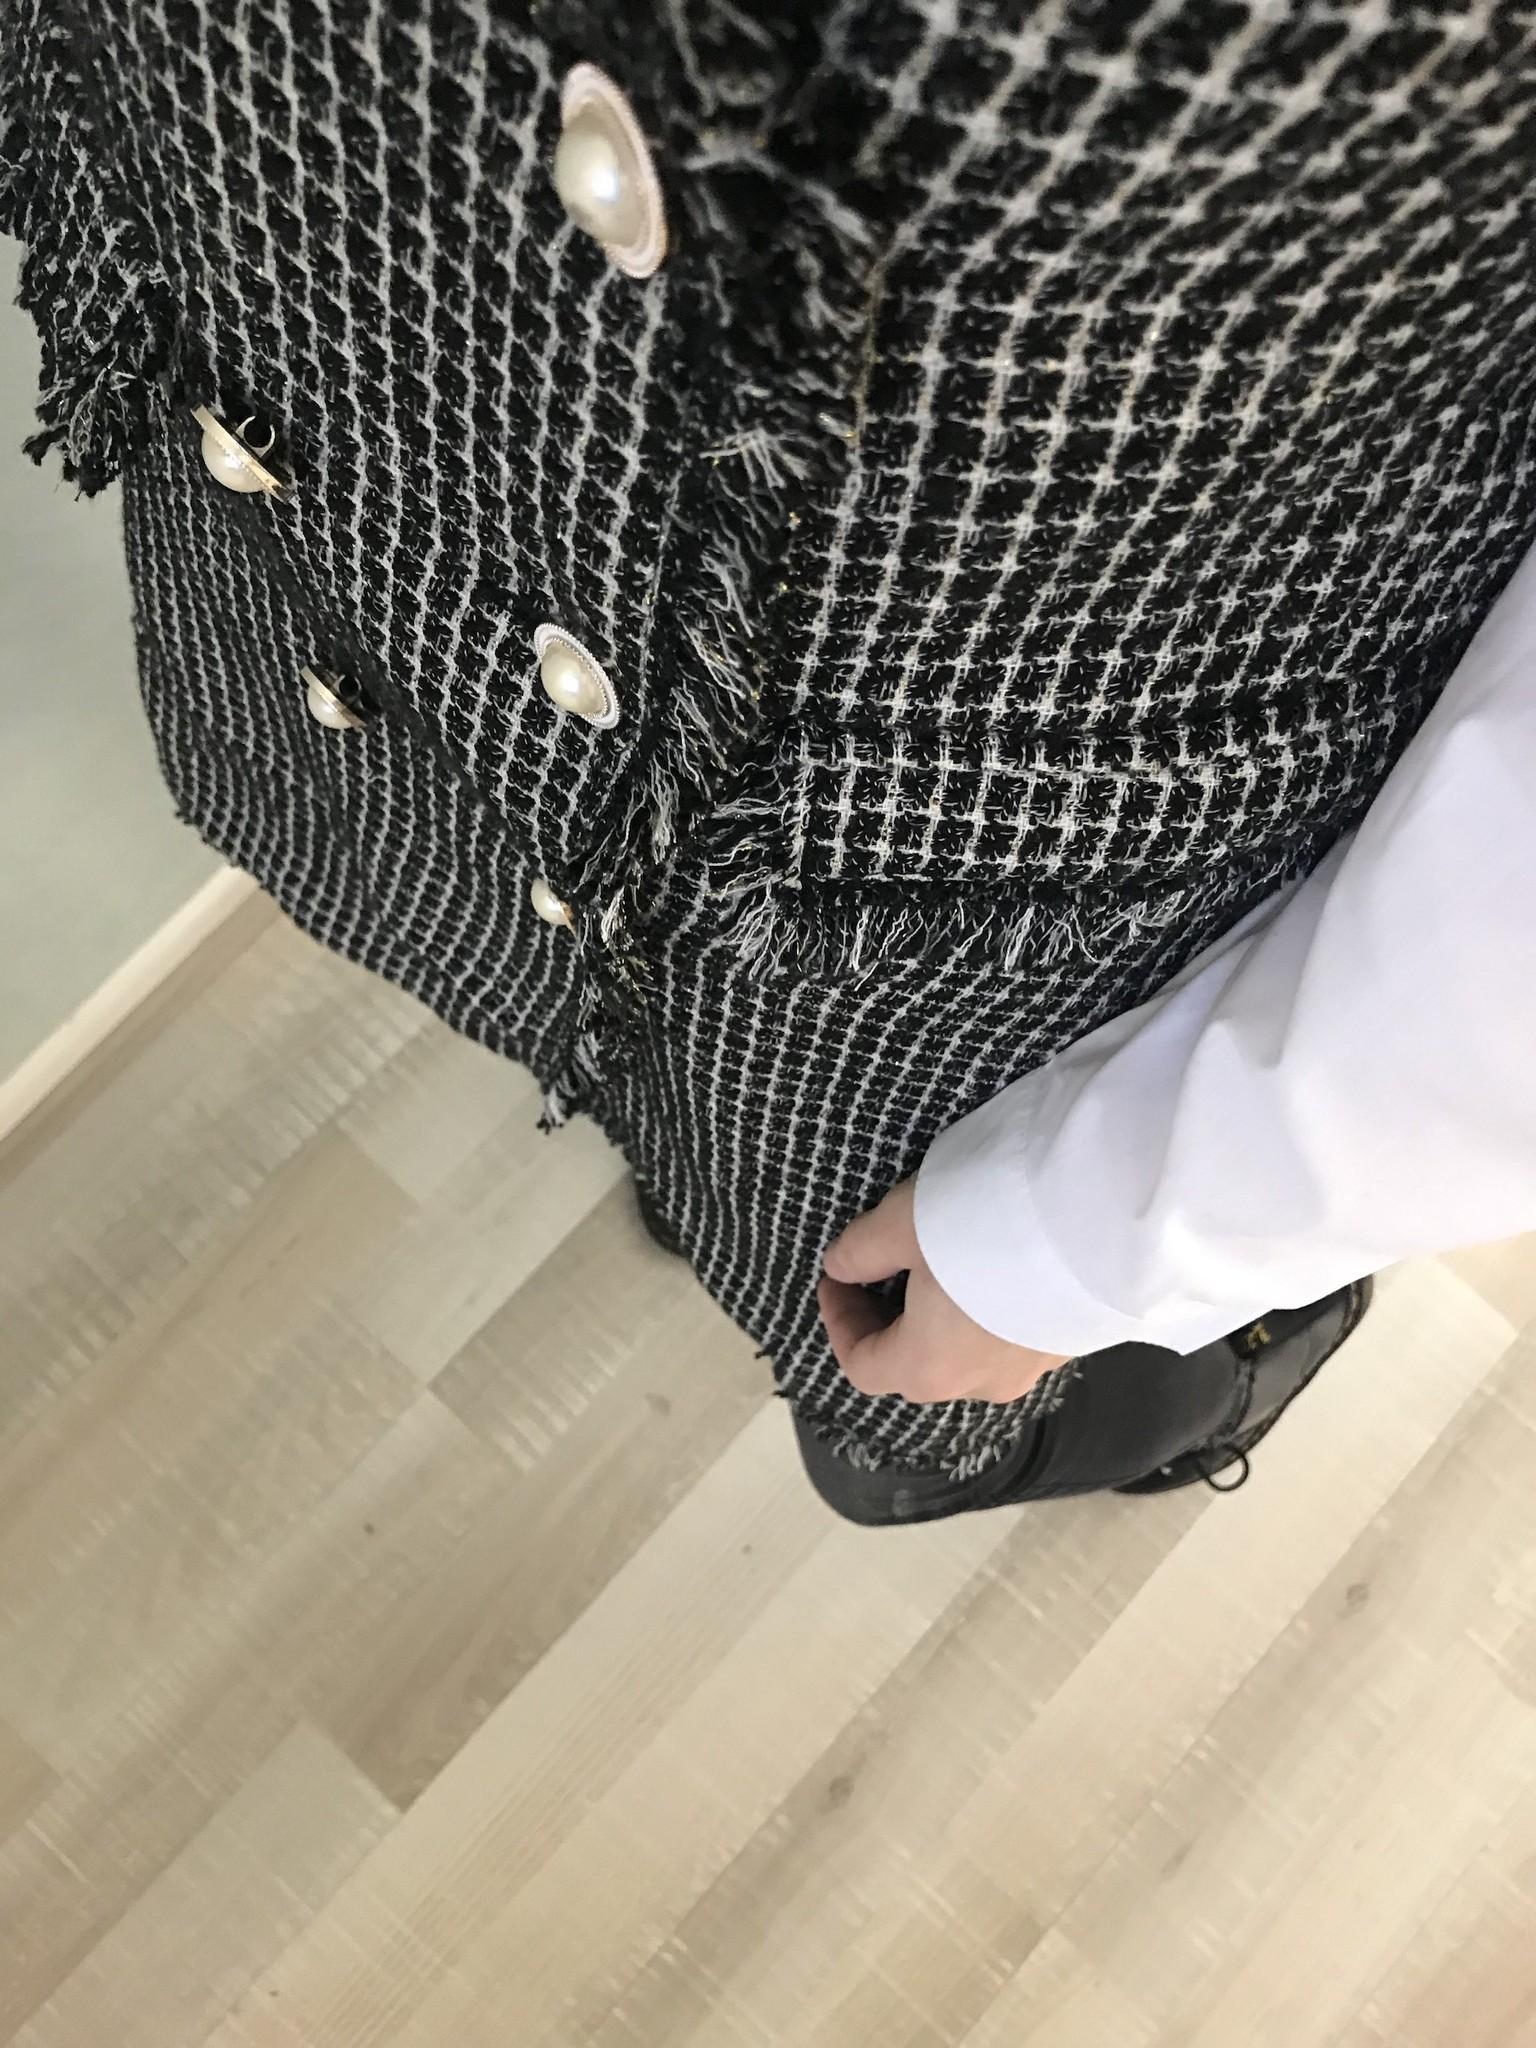 Tweed jacket no sleeves ryde black - Copy